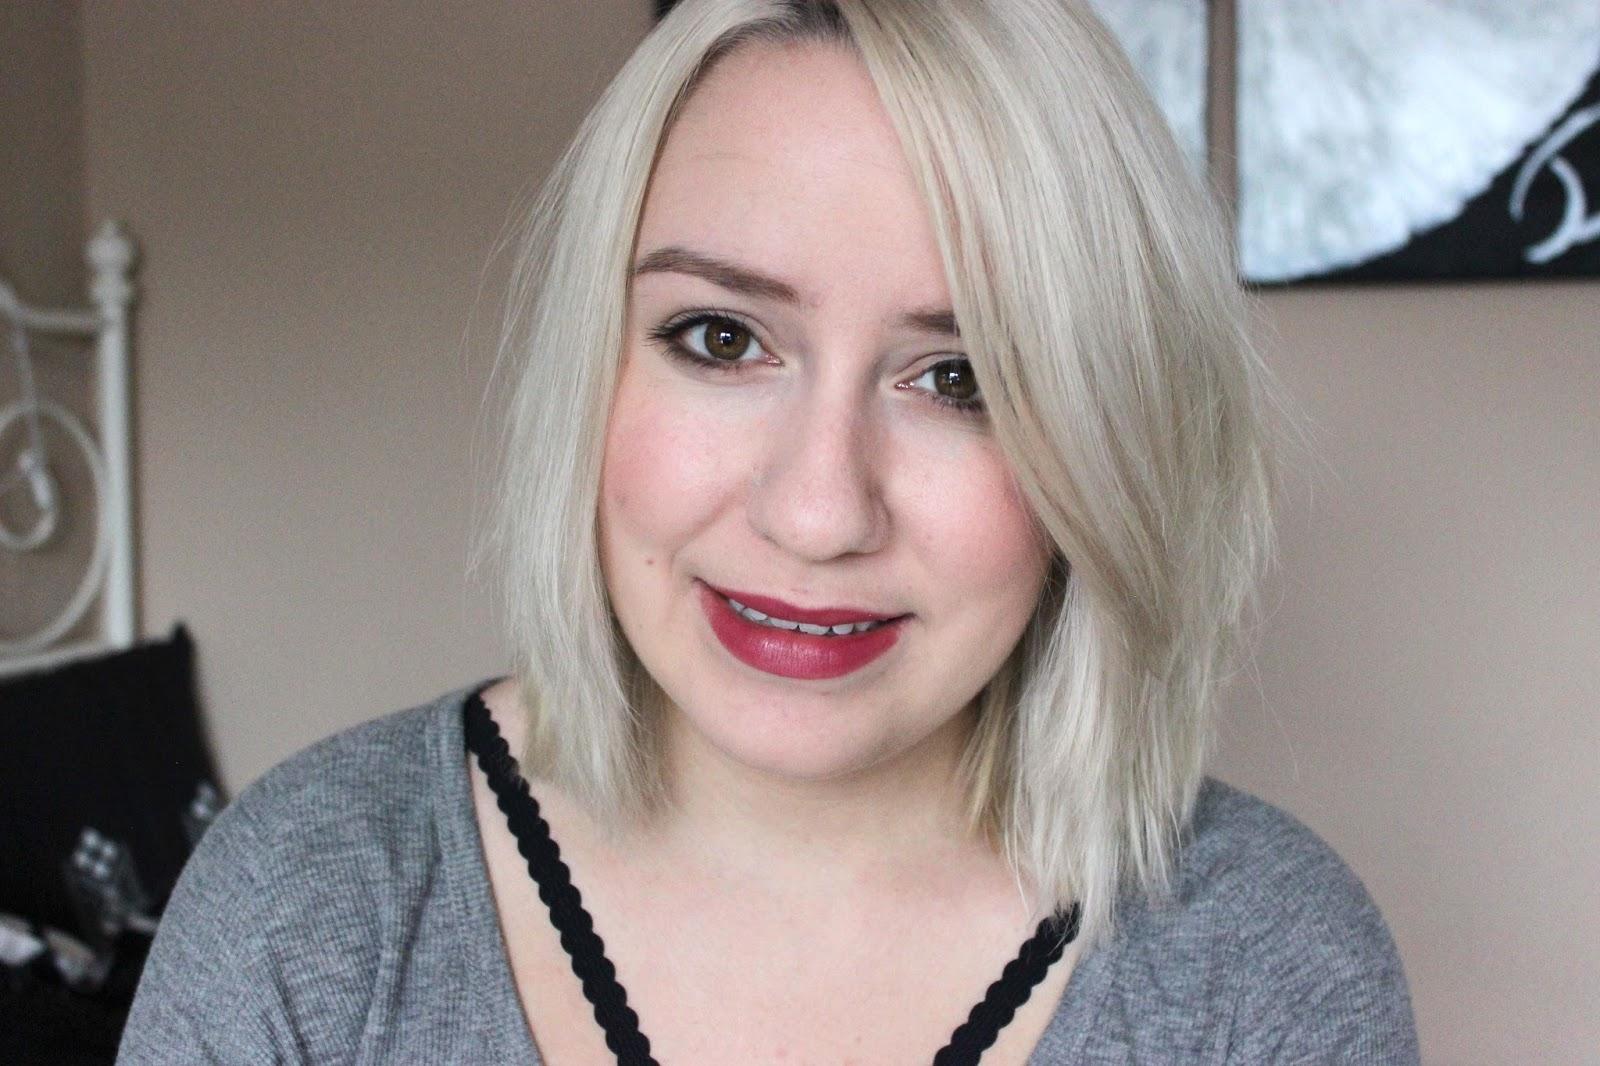 Graue haare von braun auf blond  Modische Frisuren fr ...